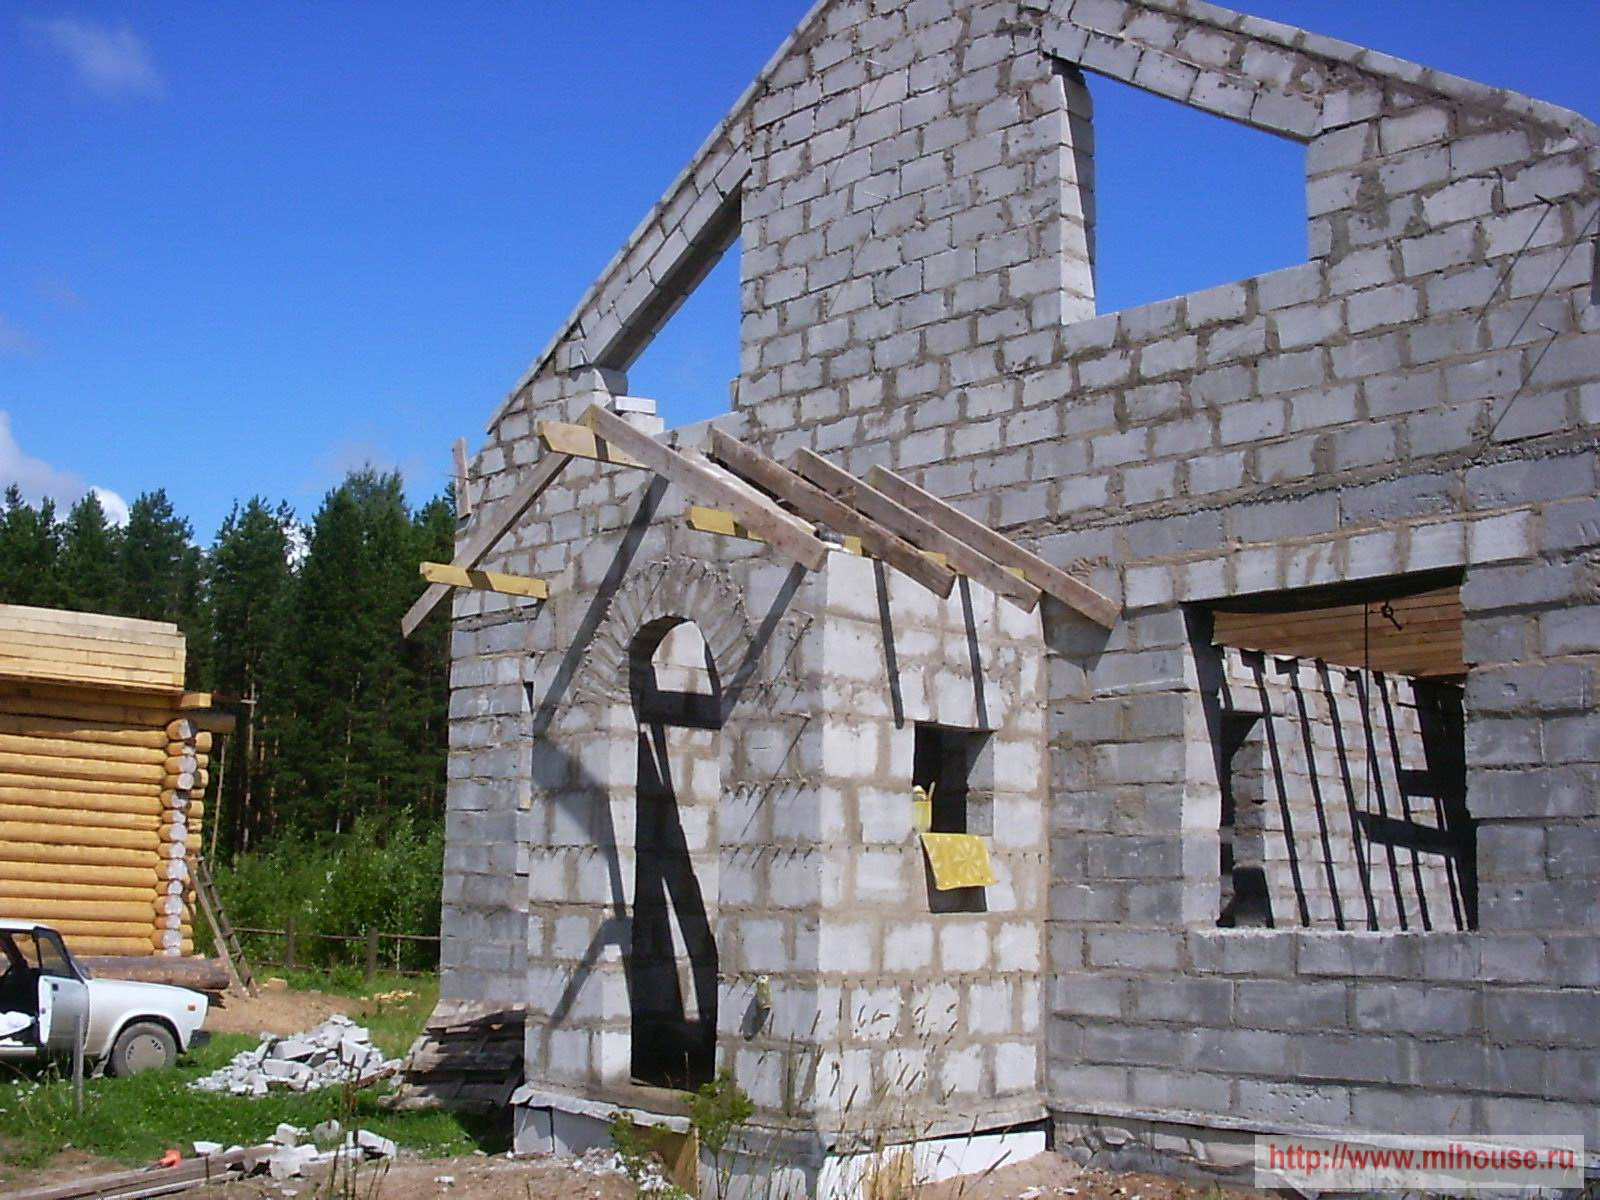 Крыльцо дома из кирпича: фото крыльца кирпичного дома 3